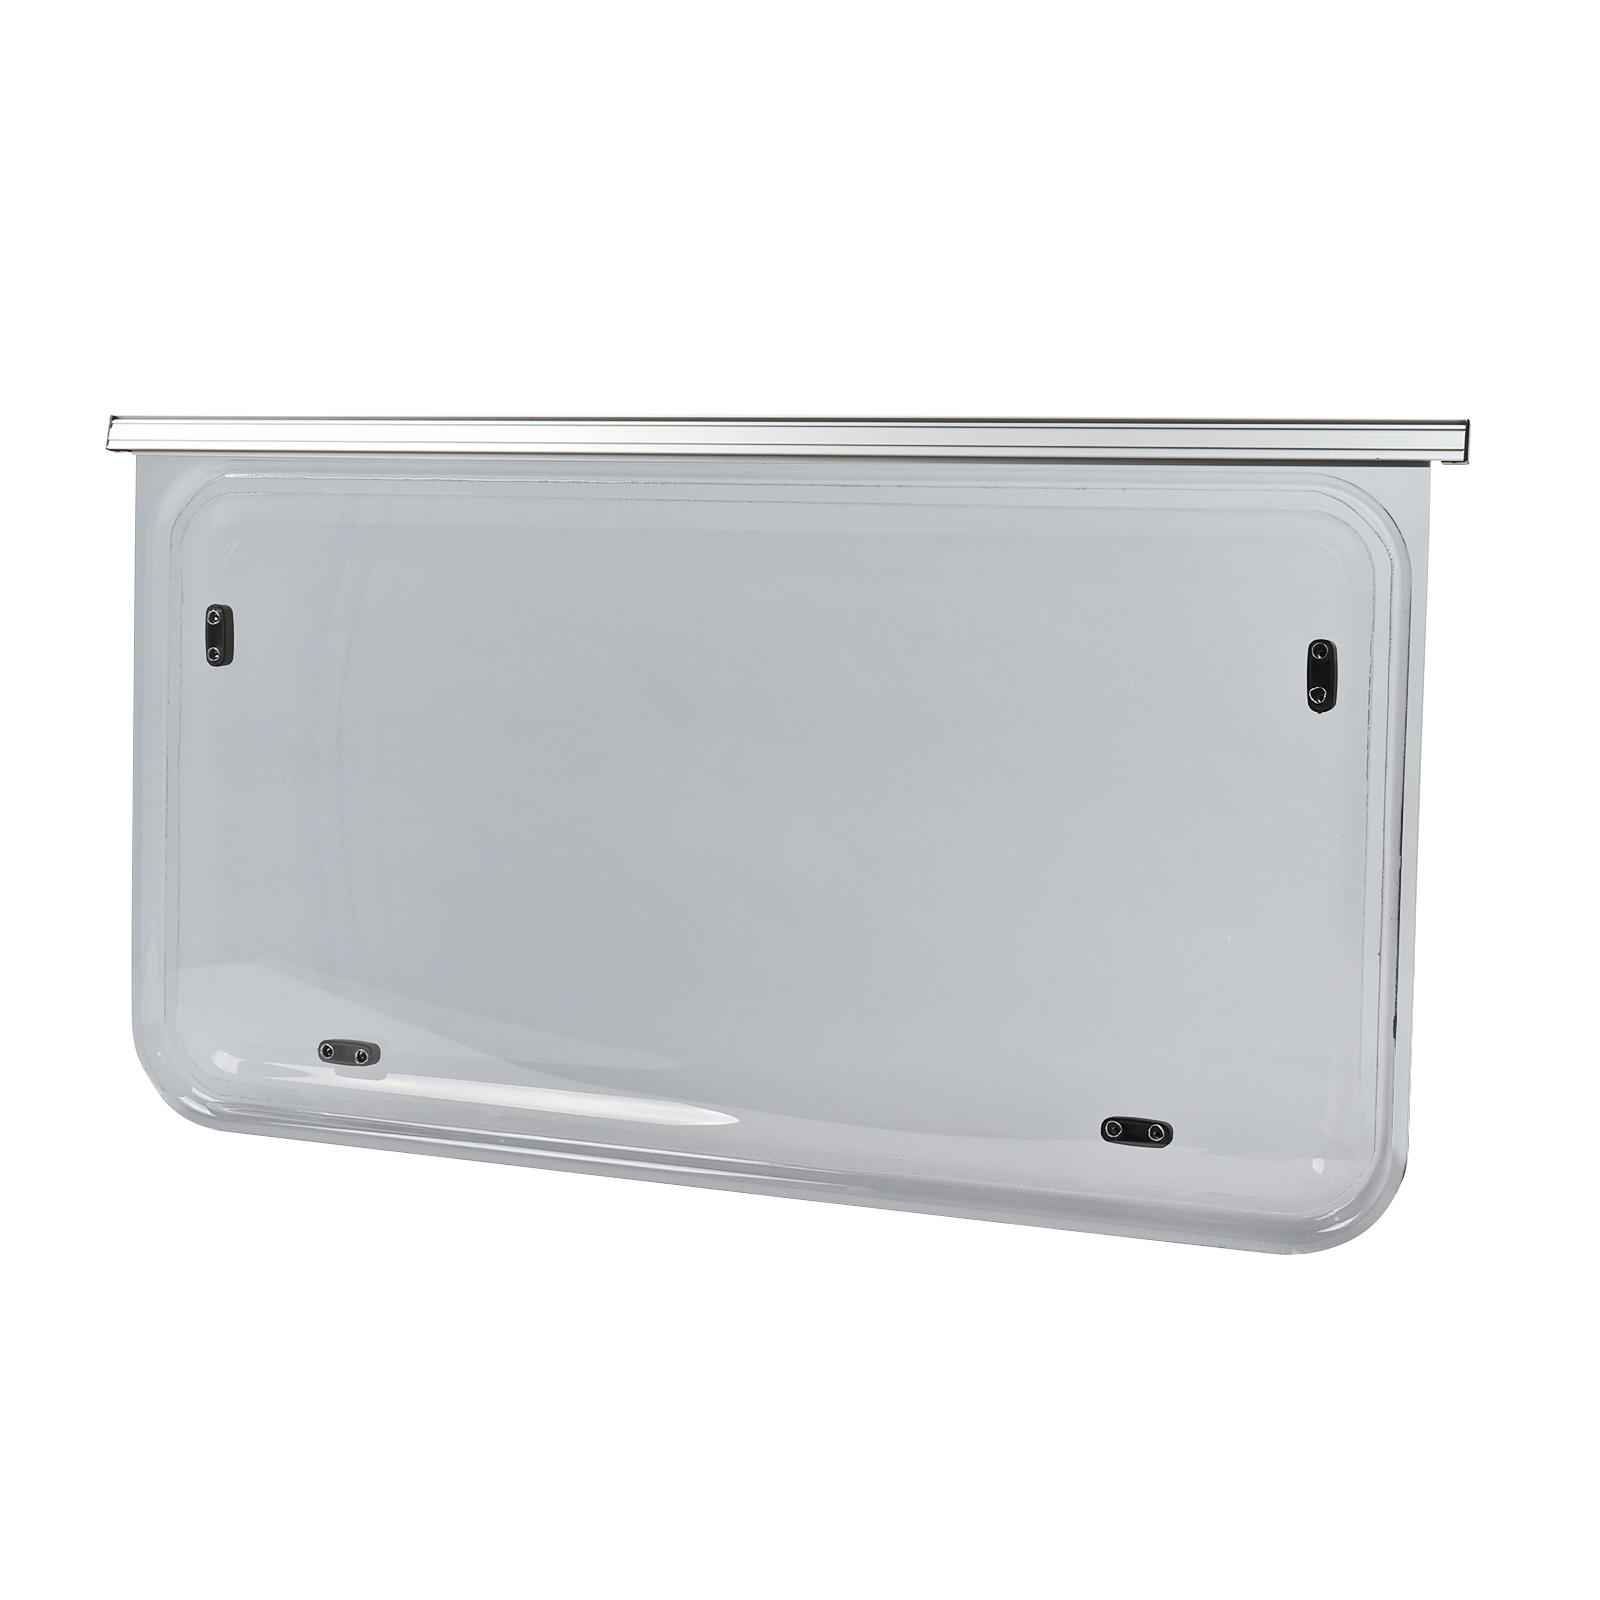 Wohnwagen Seitenfenster 70x50cm | Kederbefestigung | inkl Aussteller | Anthrazit